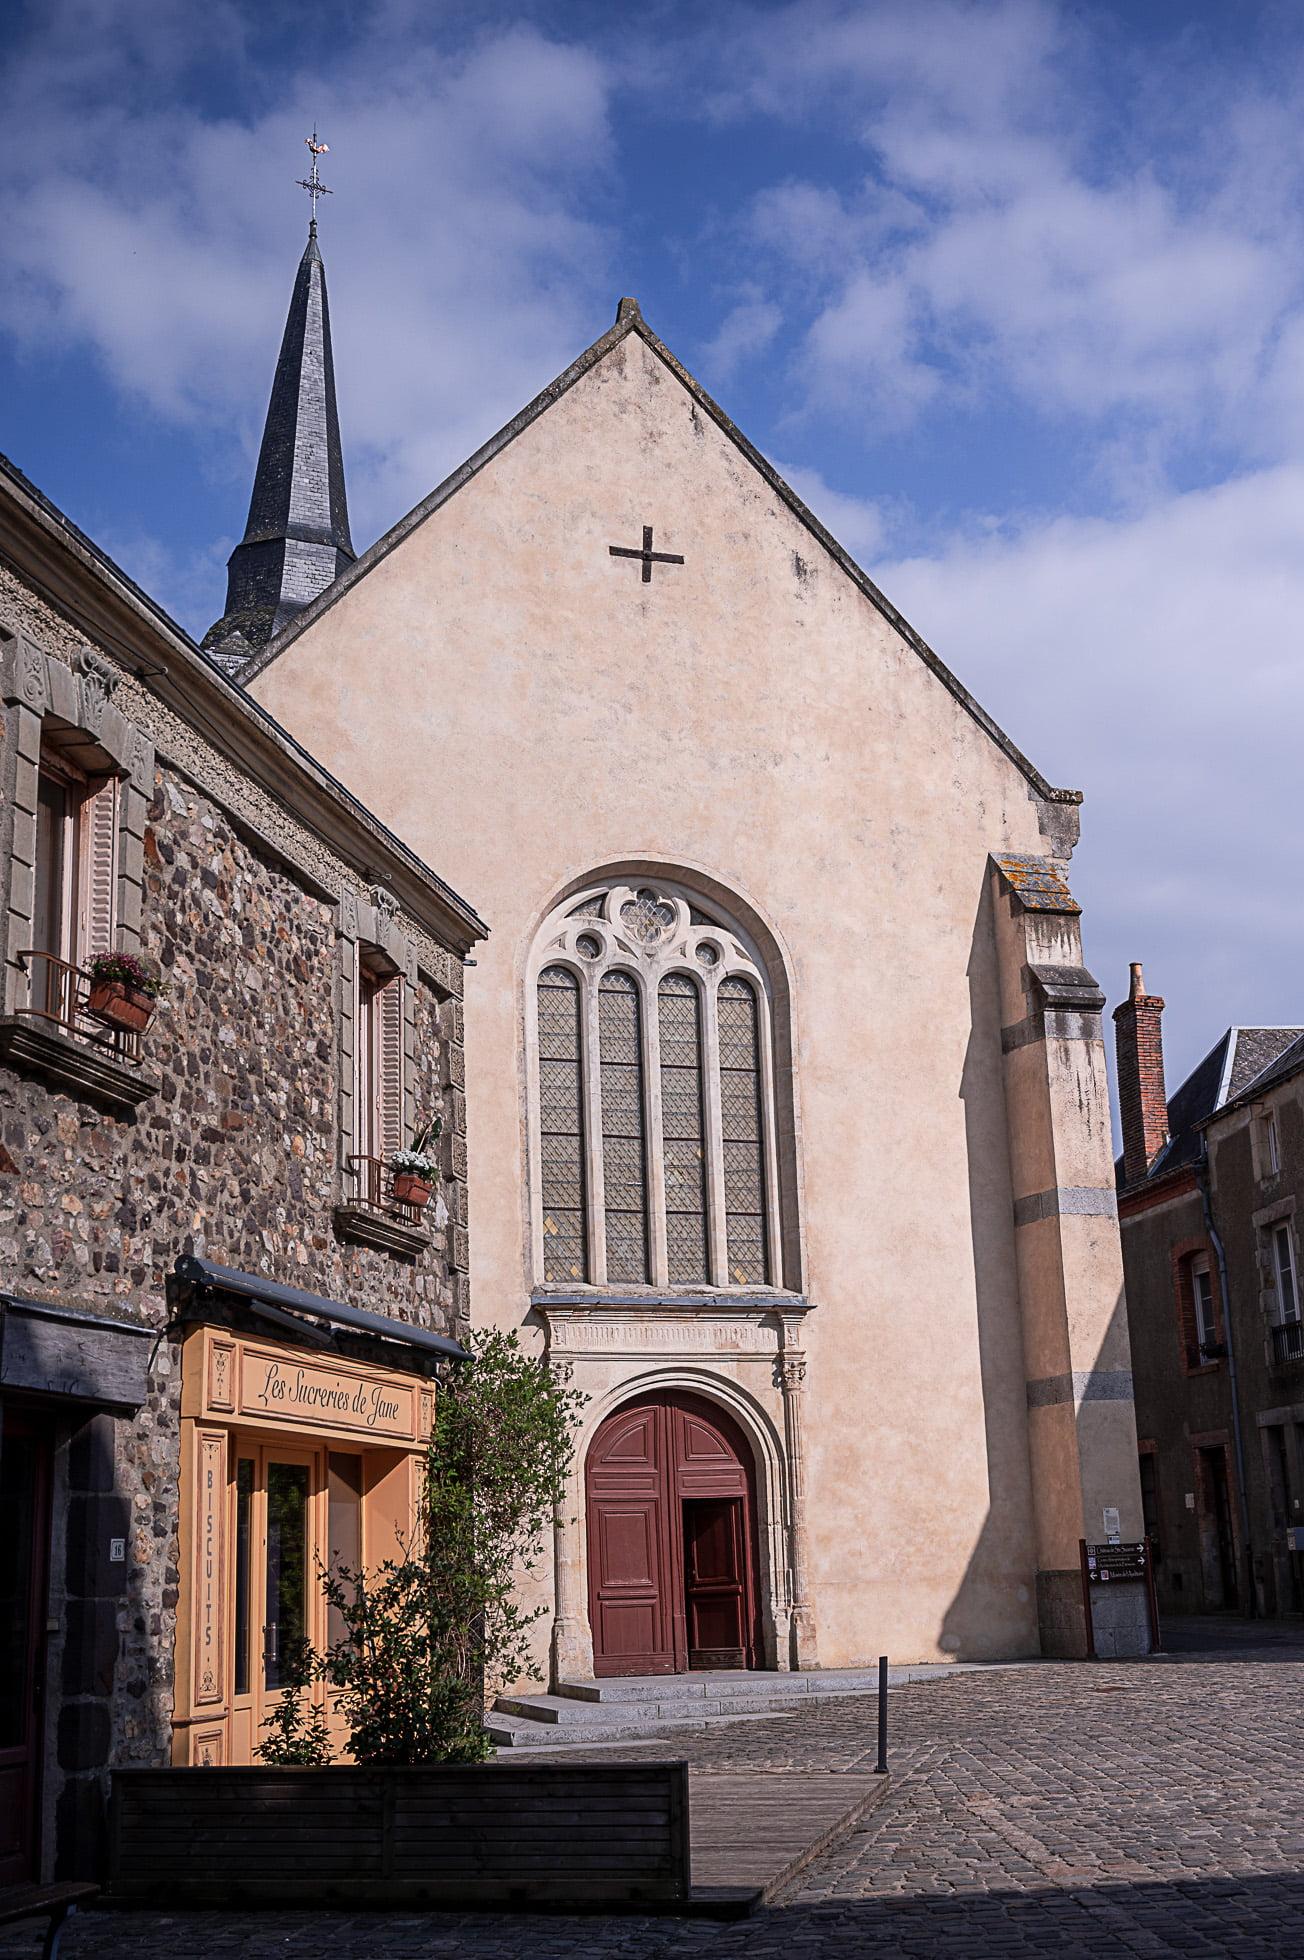 sainte suzanne 4388 - Les globe blogueurs - blog voyage nature